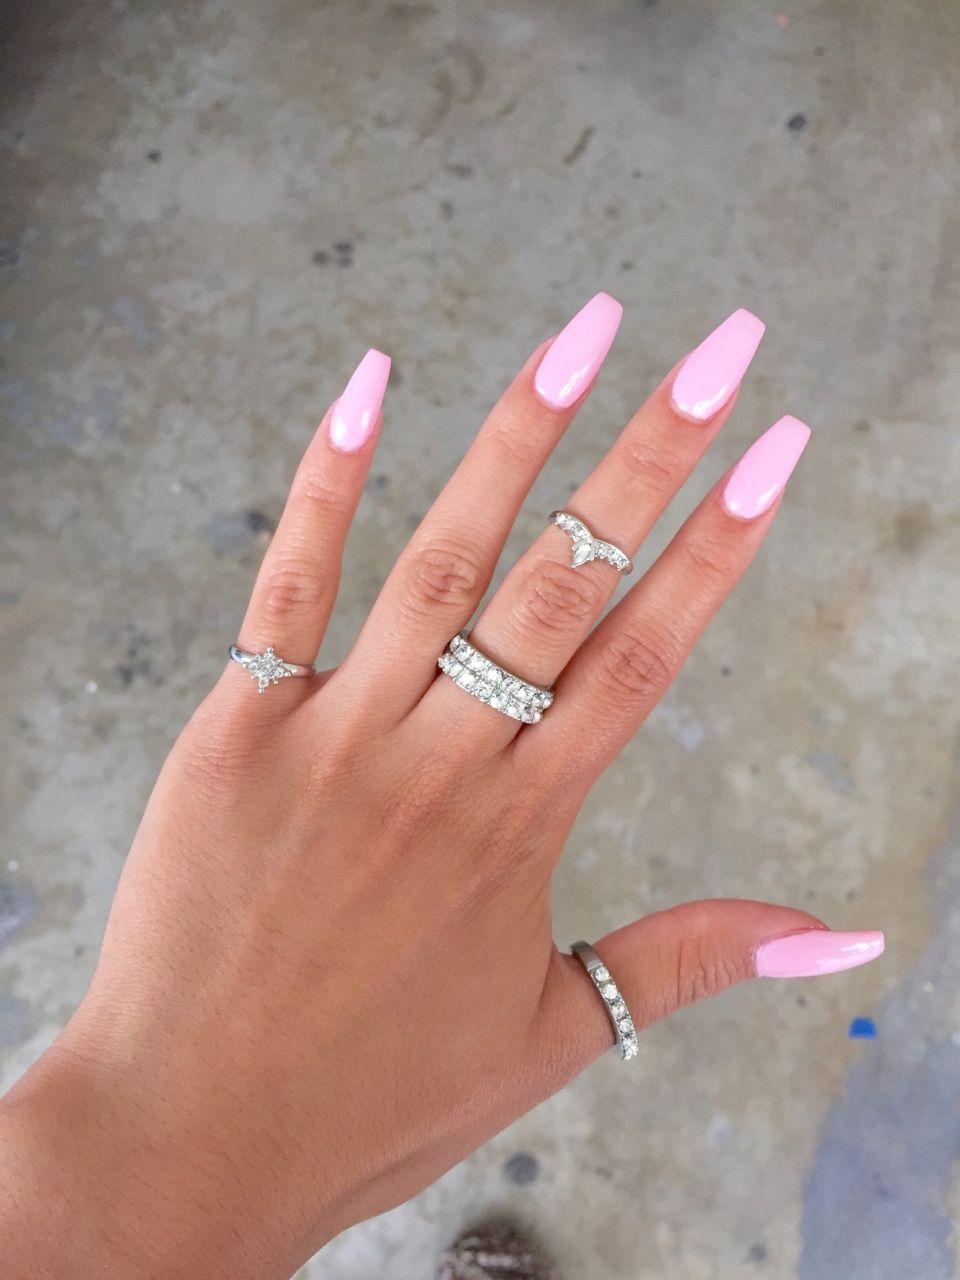 Acrylic Nails Tumblr Pink Acrylic Nails Summer Acrylic Nails Acrylic Nails